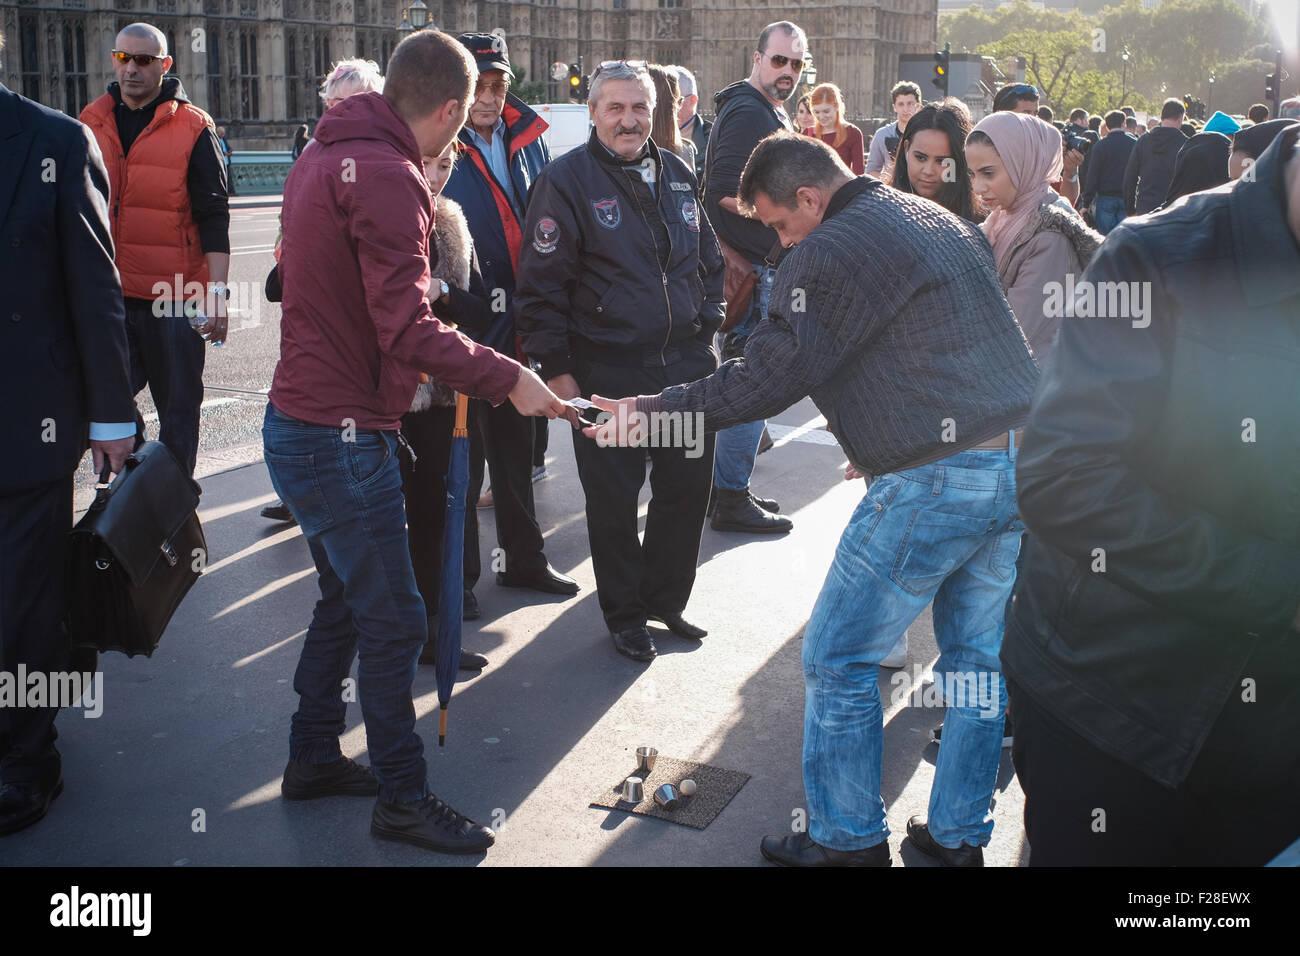 Street gamblers on Westminster bridge - Stock Image